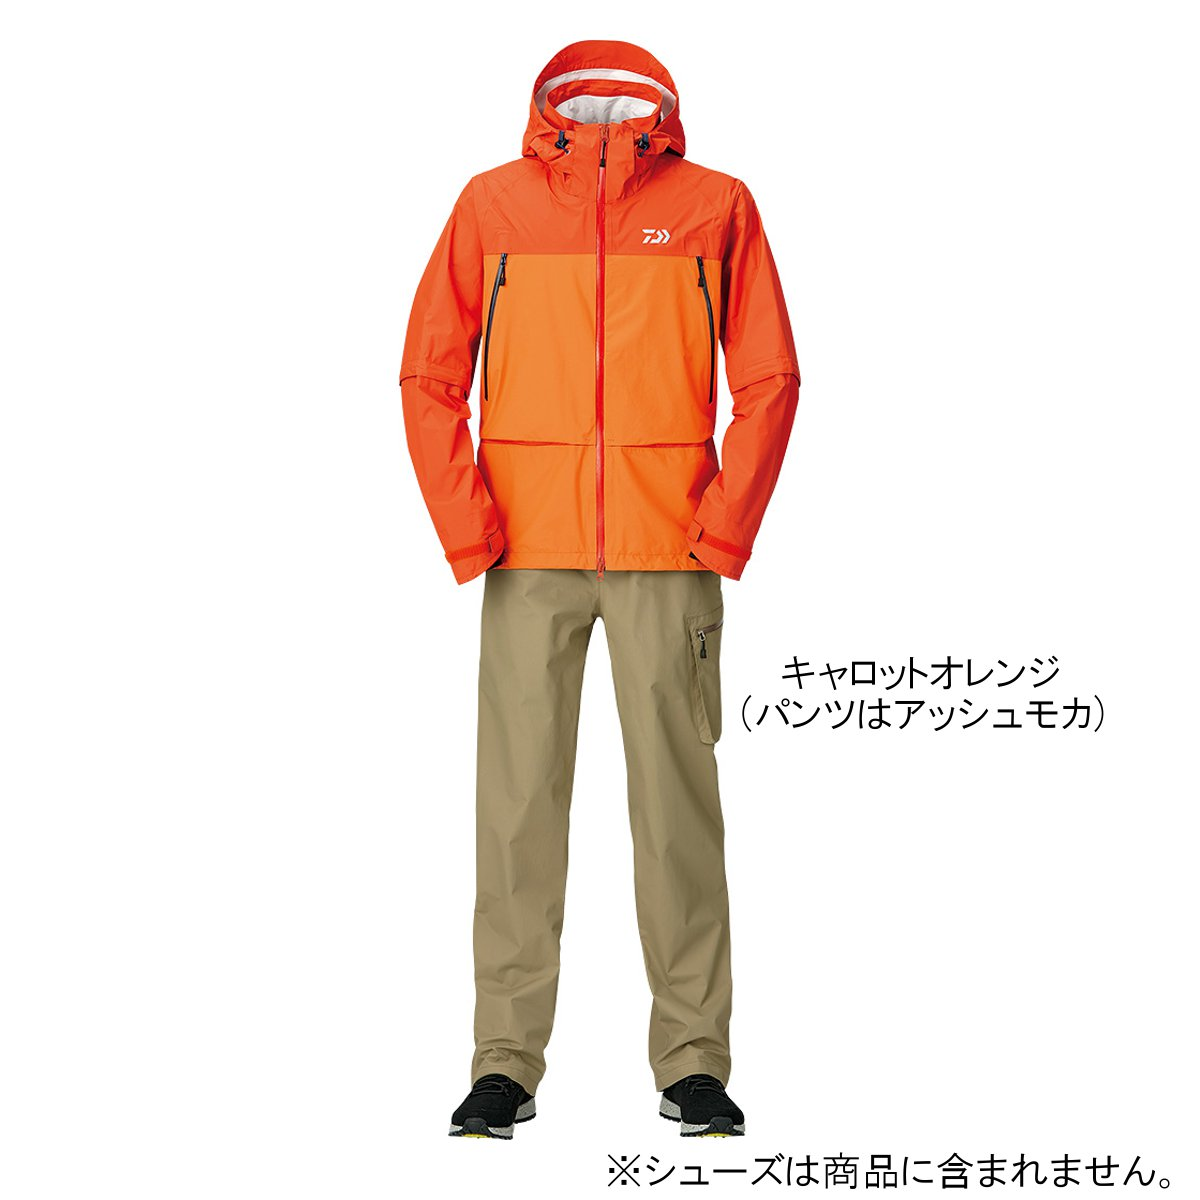 ダイワ レインマックス デタッチャブルレインスーツ DR-30009 XL キャロットオレンジ【送料無料】